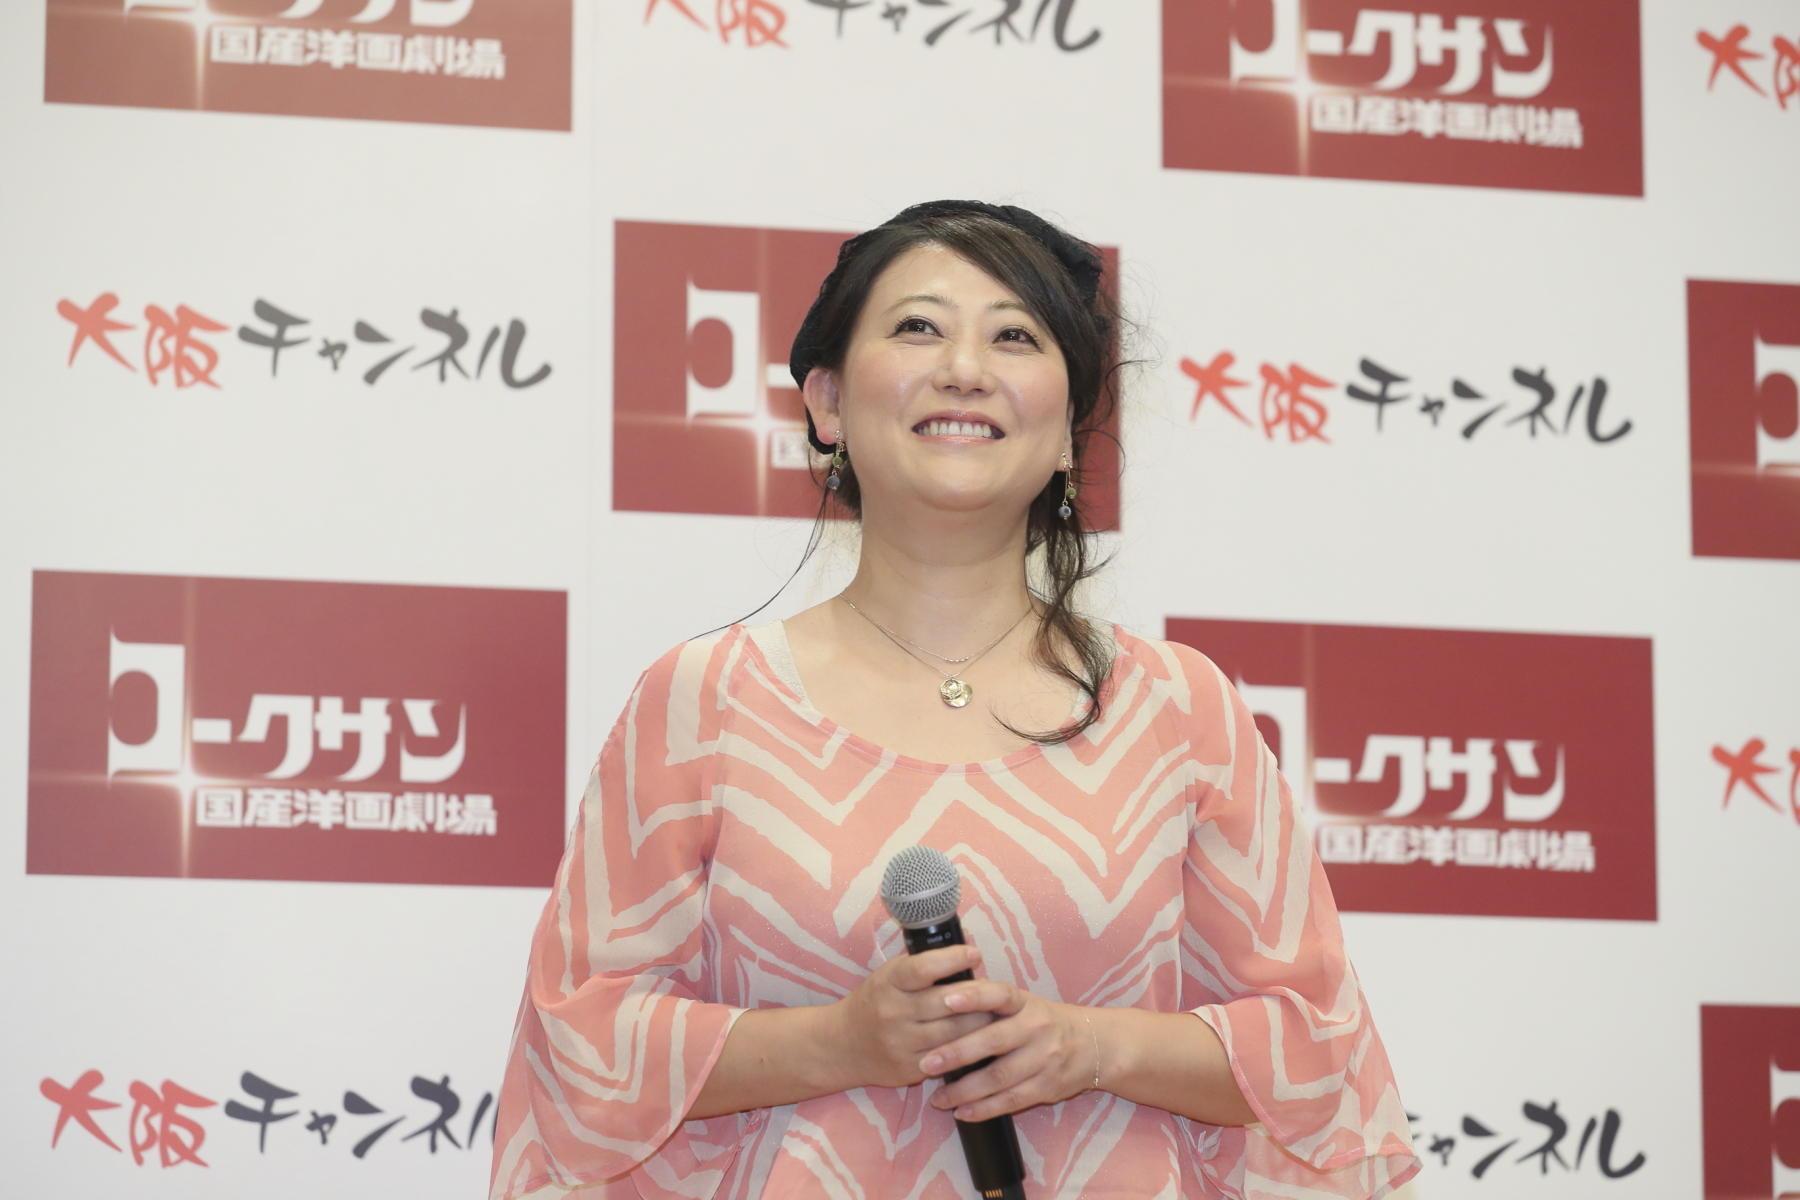 http://news.yoshimoto.co.jp/20180831163006-d27f664eb9c2a46c7f71a7048516d0008c605e51.jpg